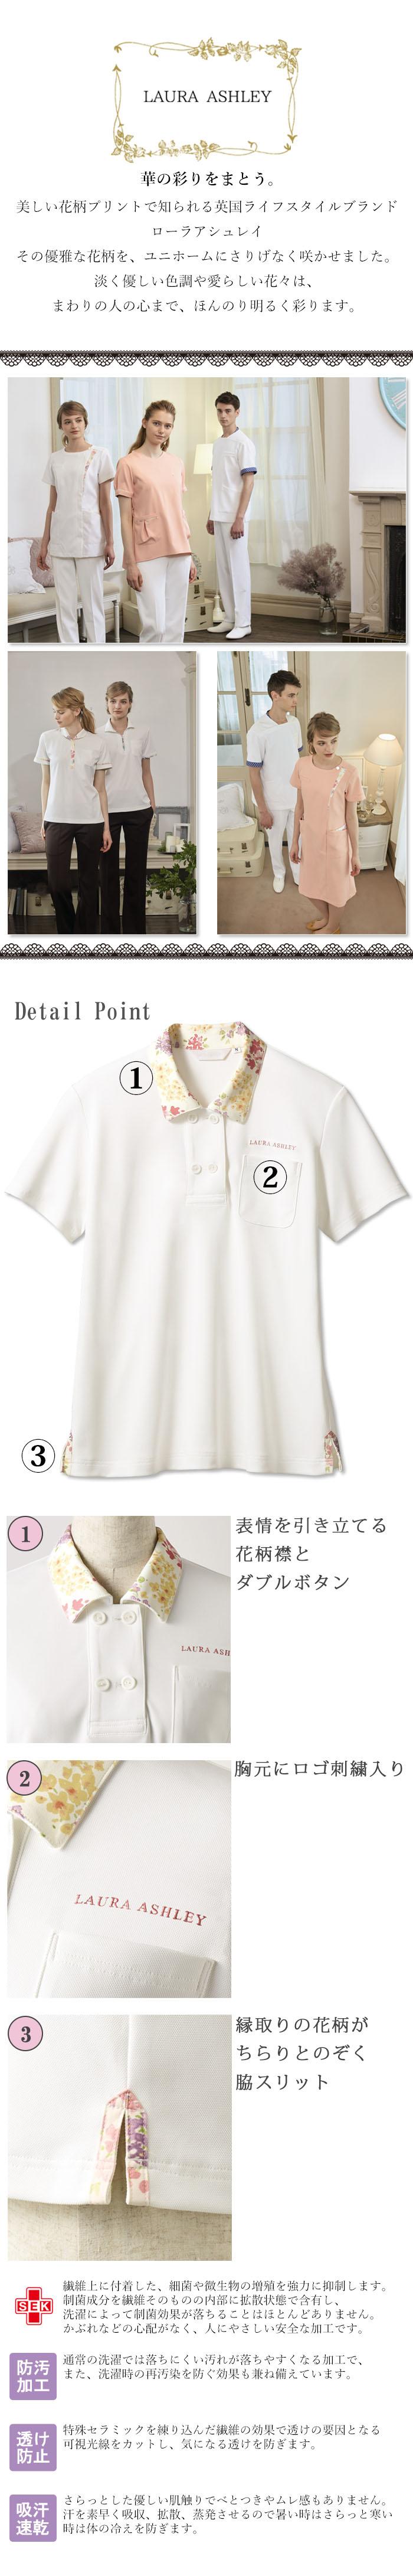 LW202 ニットシャツ デティール画像